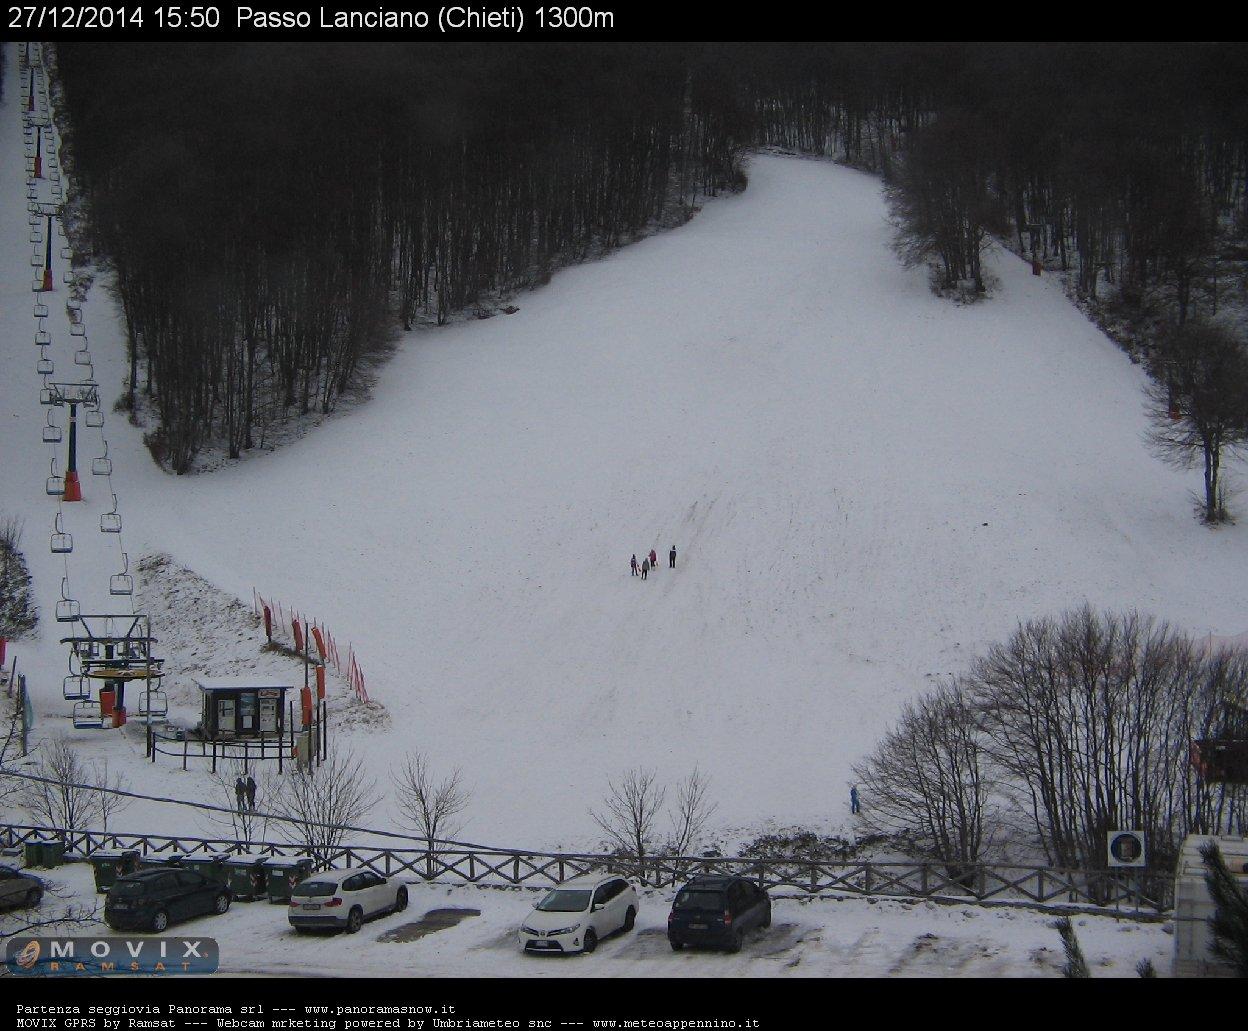 Nowcasting nivoglaciale Appennini dall' inverno 2014 all'inverno 2015-passo-lanciano-27-dic-2014.jpg